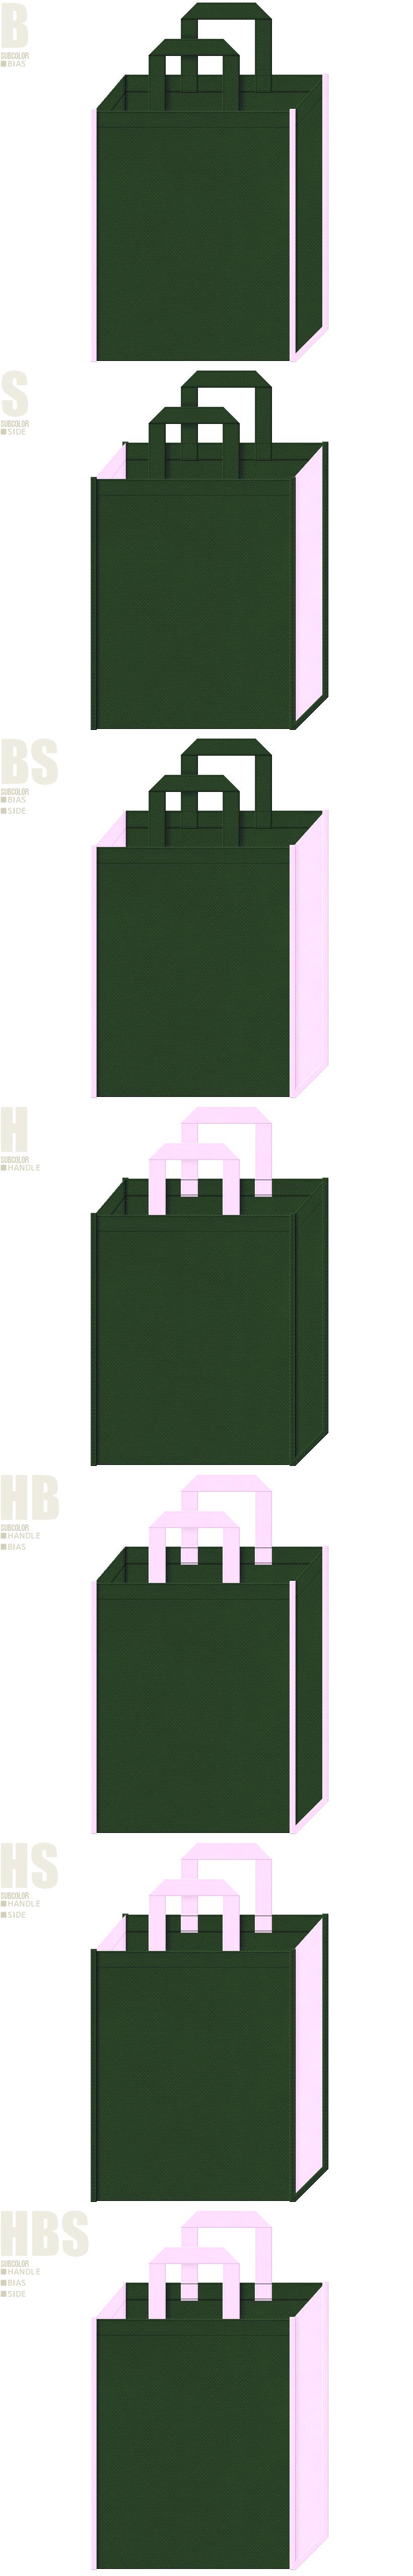 学校・教室・黒板・青春・卒業式・桜・メモリー・写真館・ゲーム・和風催事にお奨めの不織布バッグデザイン:濃緑色と明るいピンク色の配色7パターン